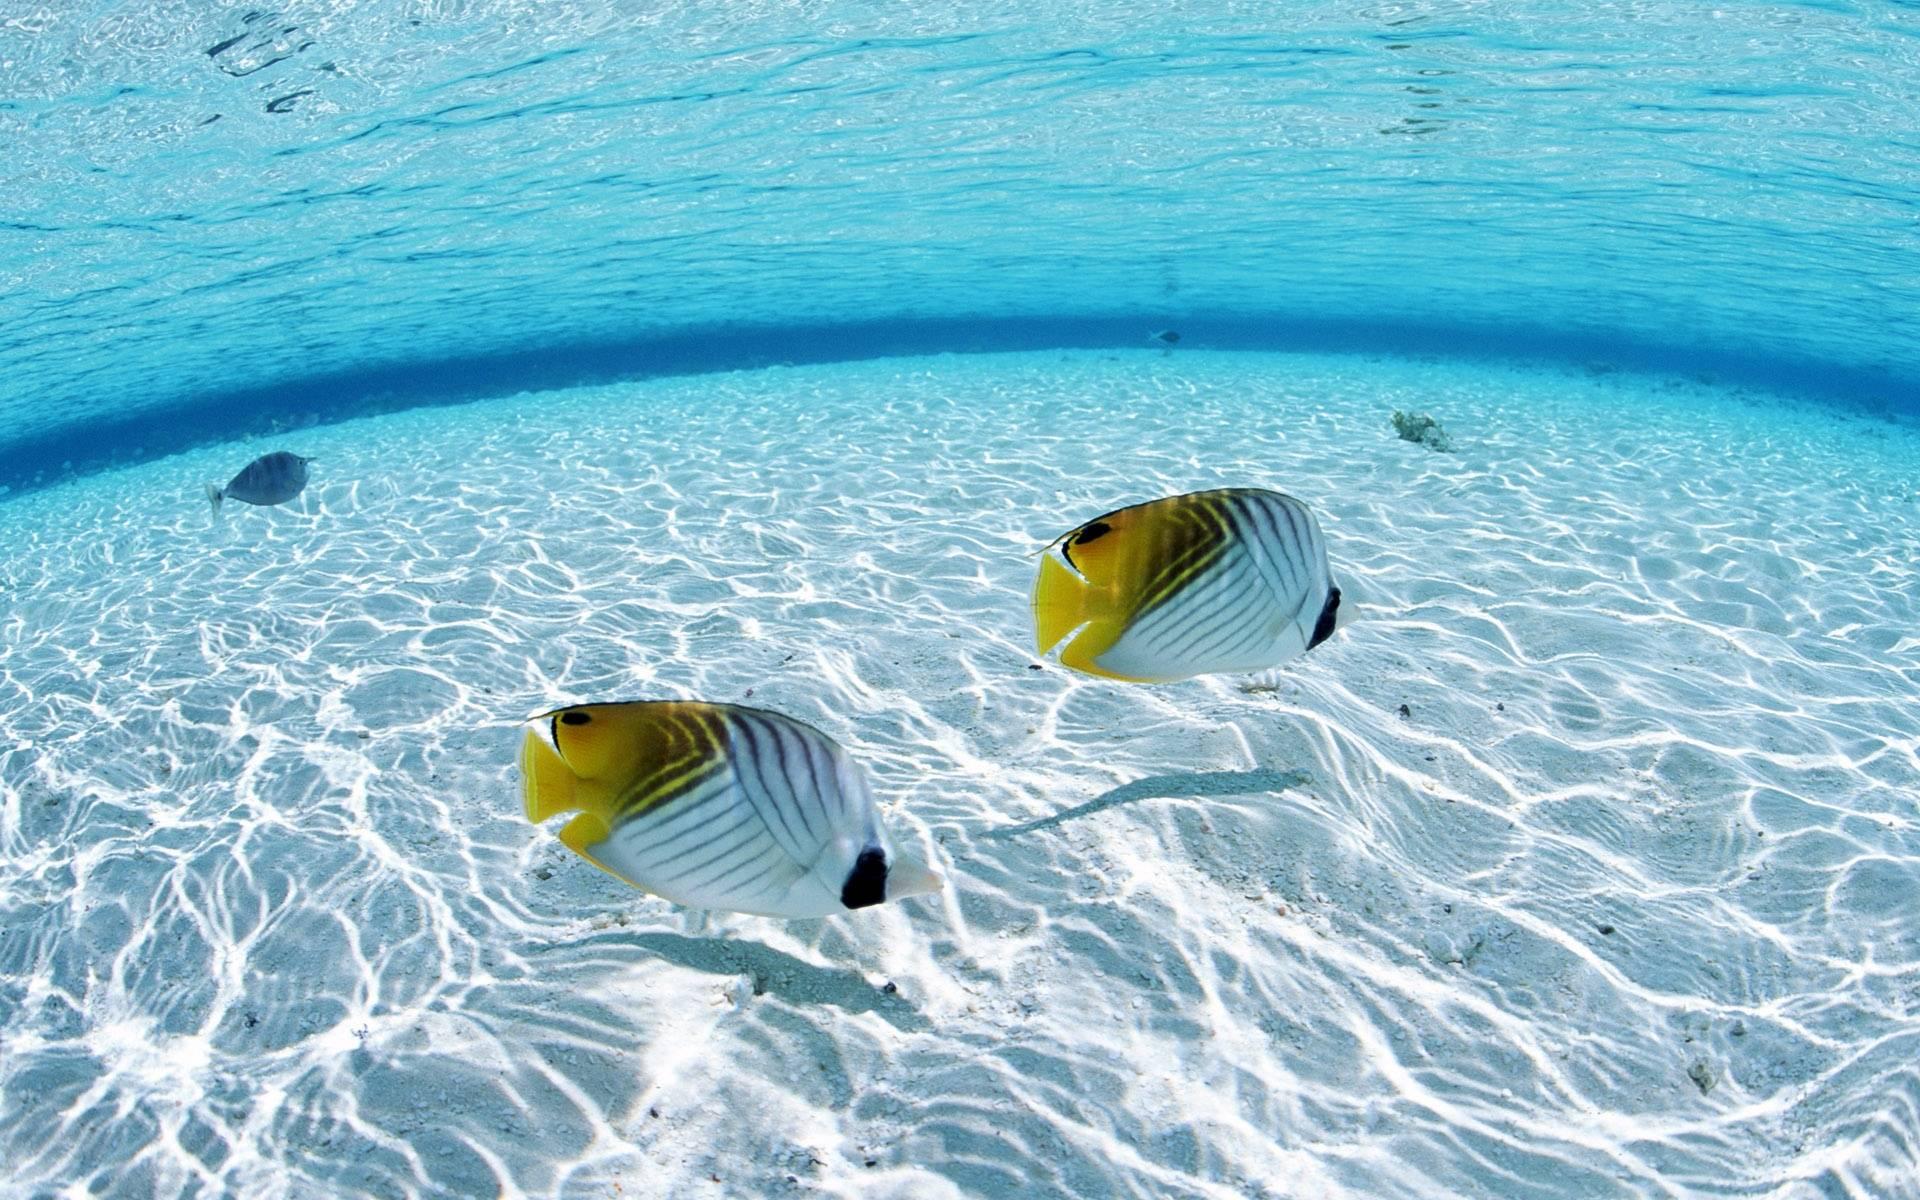 fish in water david kravitz coaching